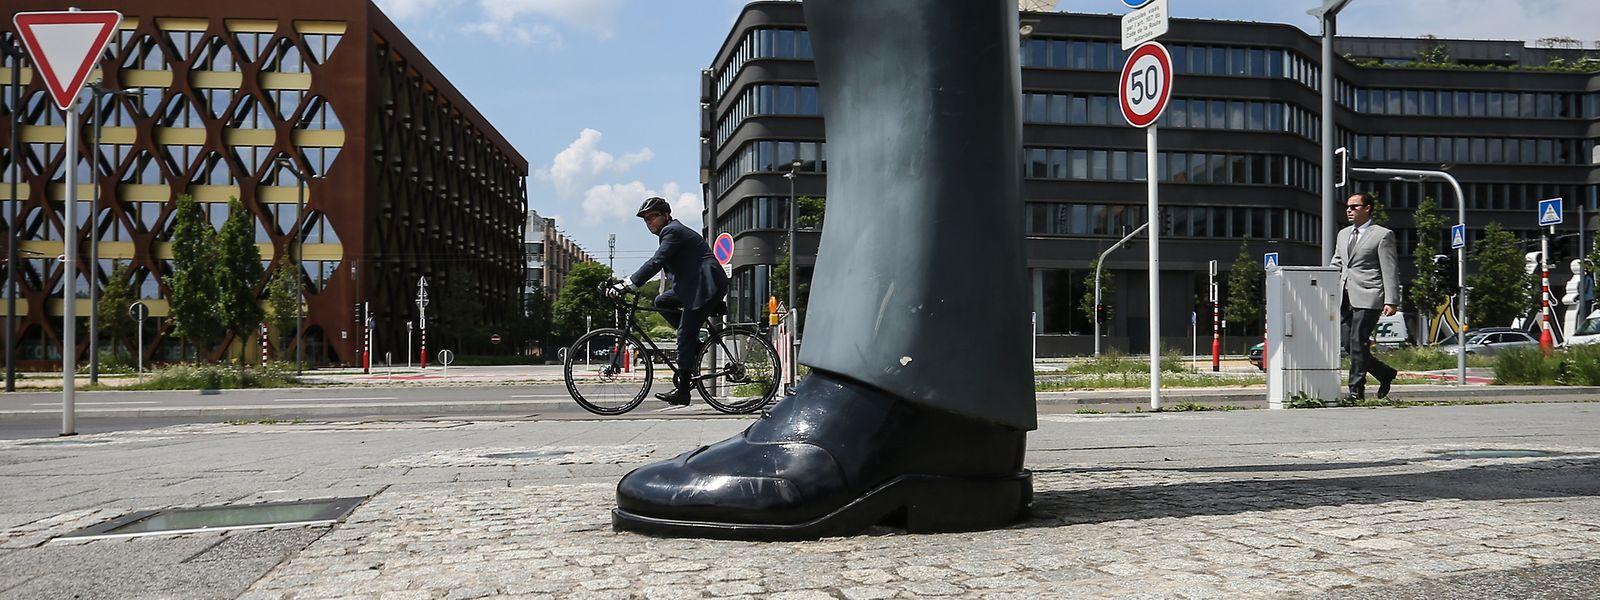 Um wirtschaftlich erfolgreich zu sein, muss Luxemburg Talente anziehen, fordert die ABBL. Das wird in der Praxis immer schwieriger.